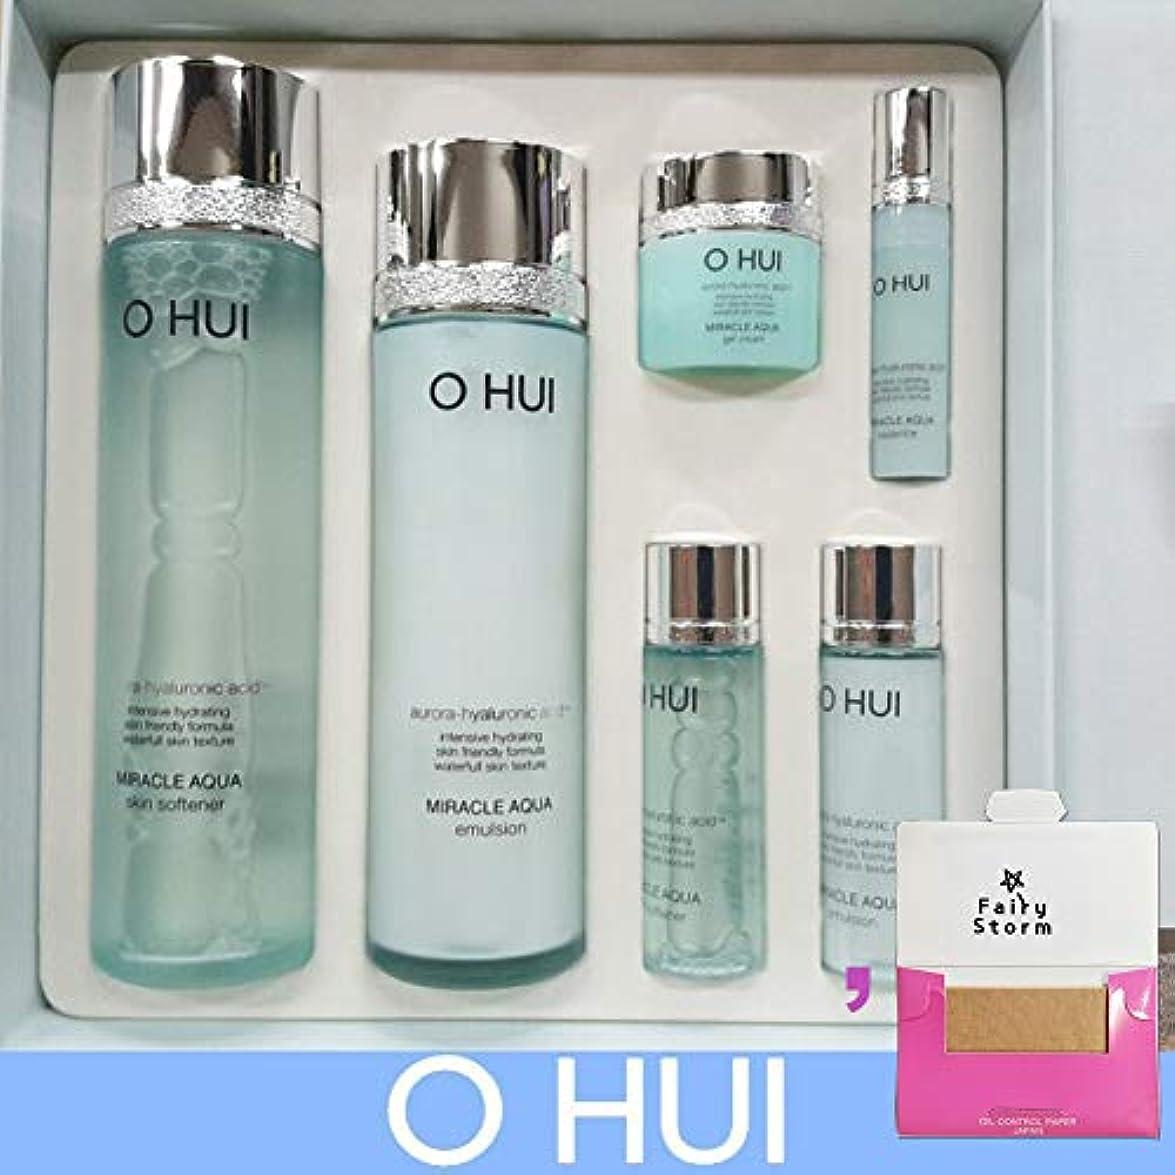 宣教師話をする強化する[オフィ/O HUI]韓国化粧品LG生活健康/O HUI MIRACLE AQUA SPECIAL SET/ミラクルアクア2種セット+[Sample Gift](海外直送品)